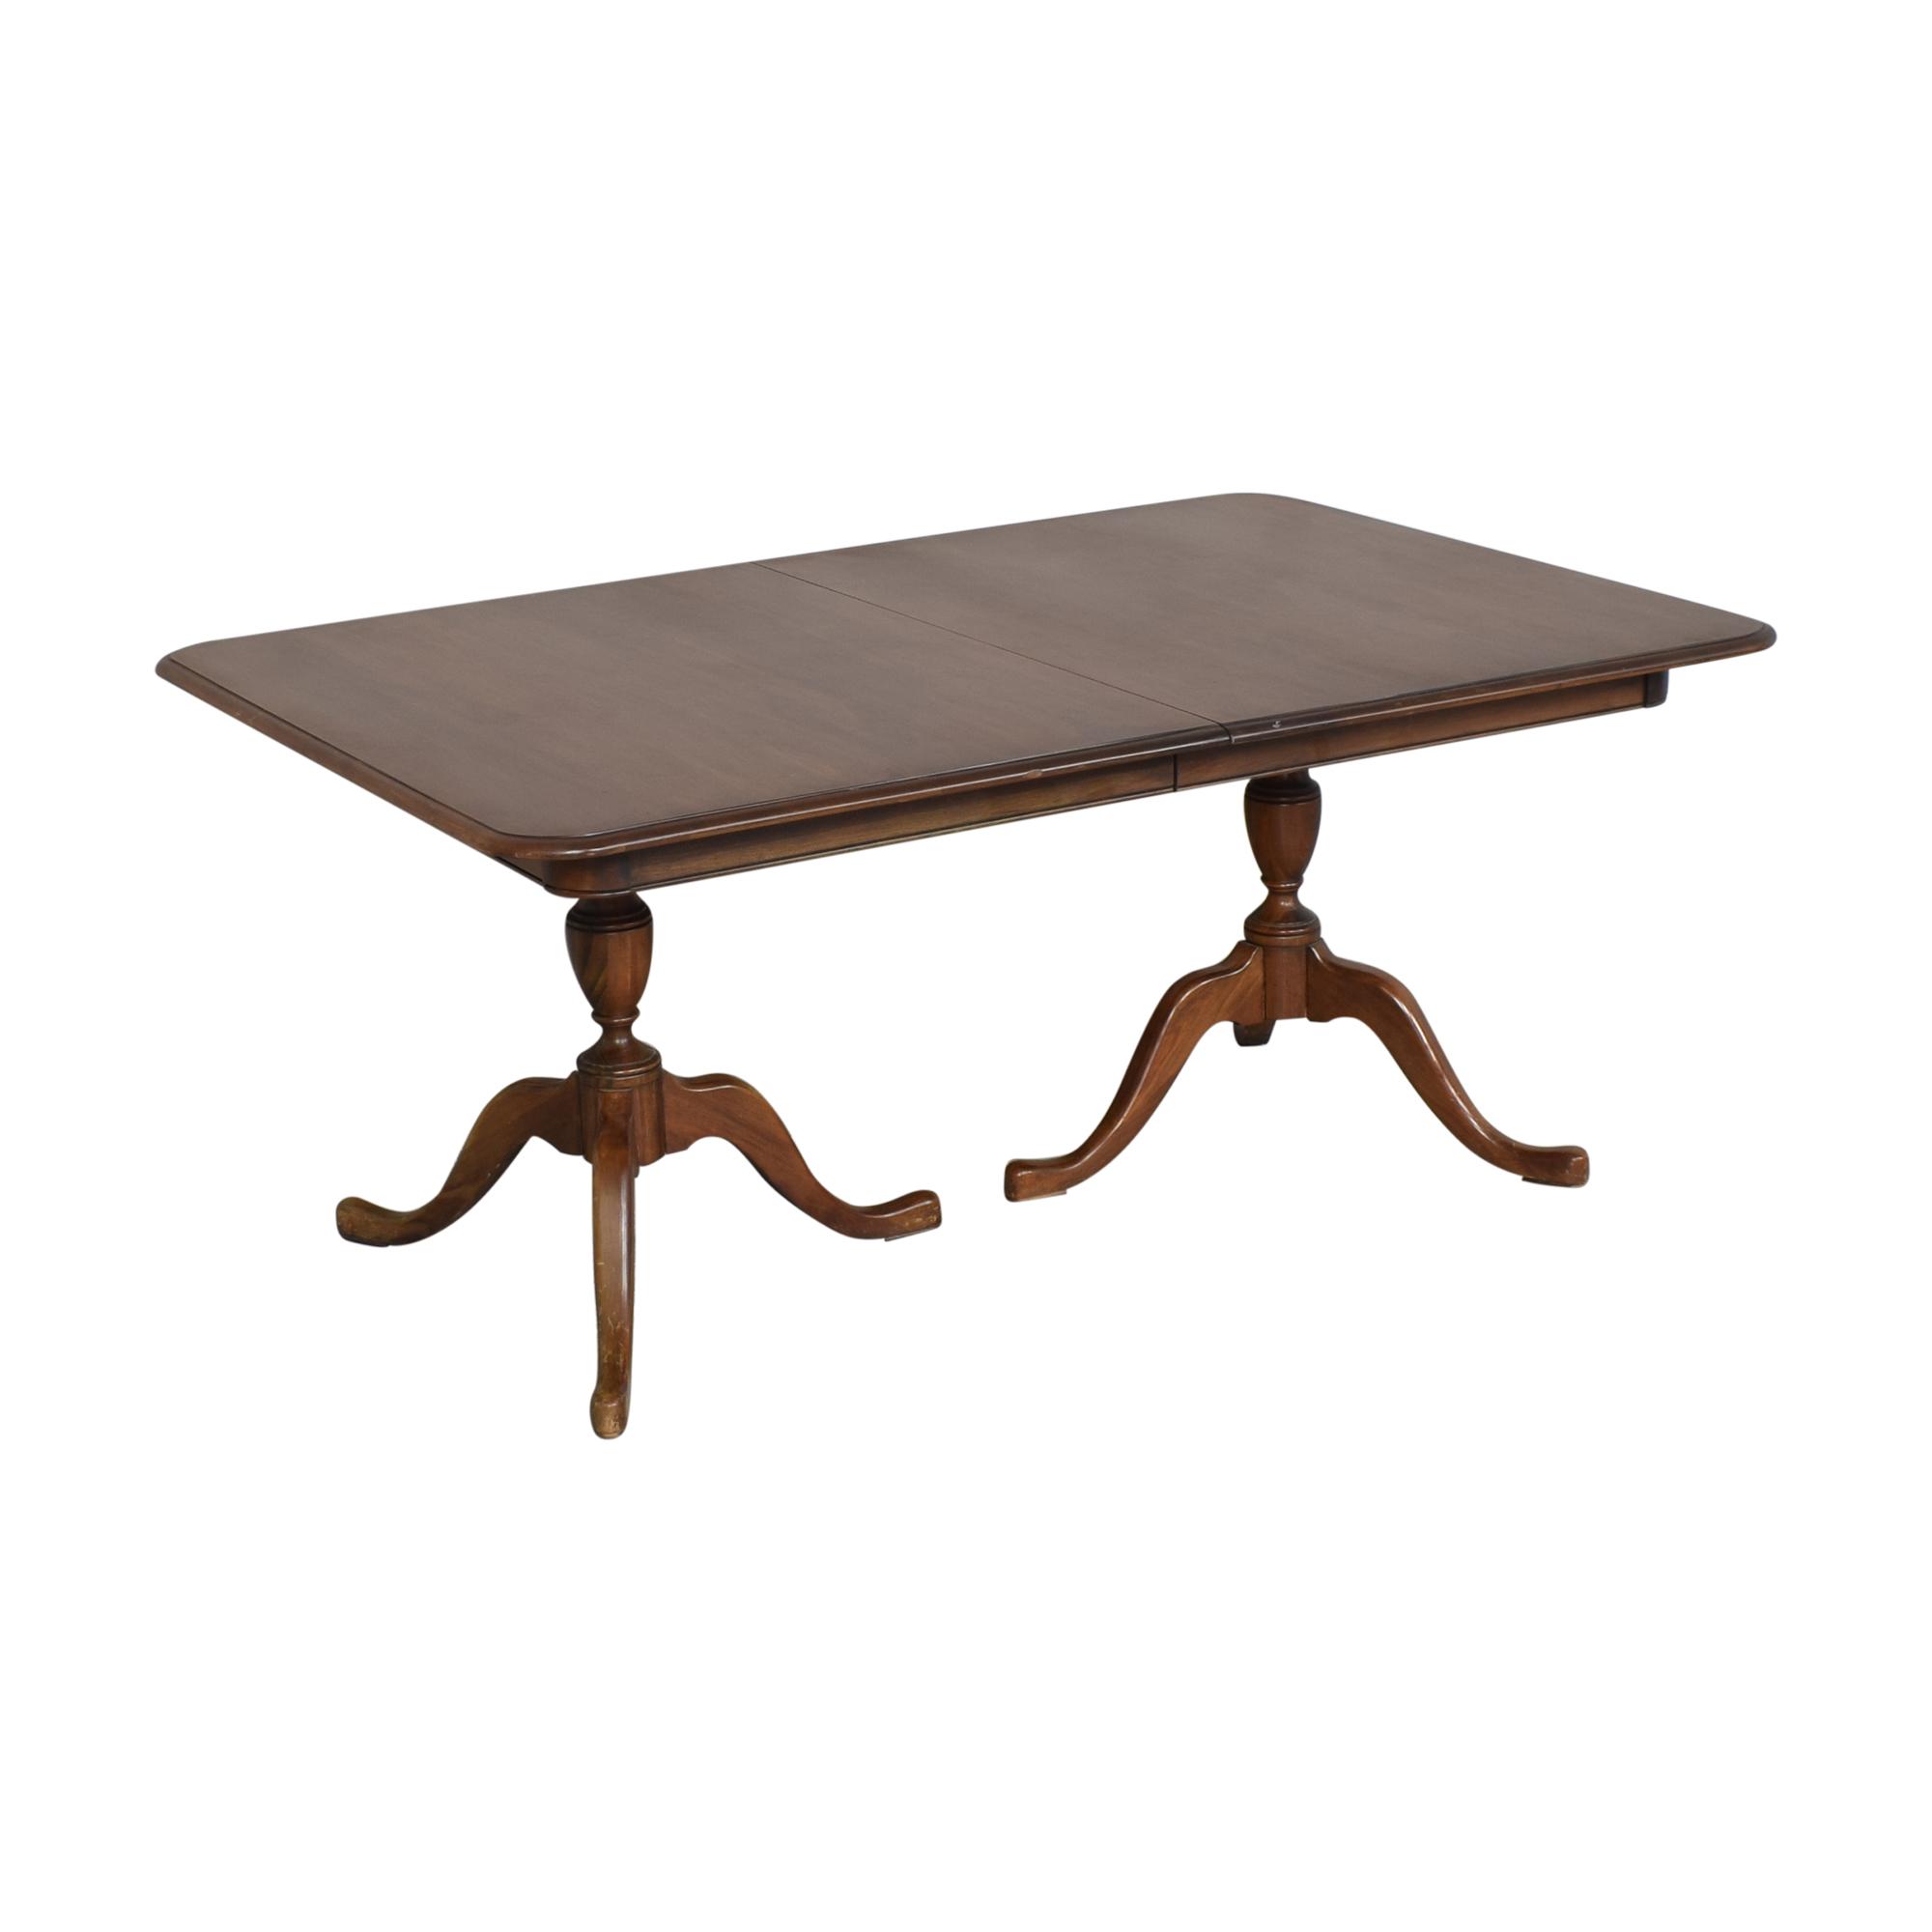 Pennsylvania House Pennsylvania House Double Pedestal Dining Table on sale